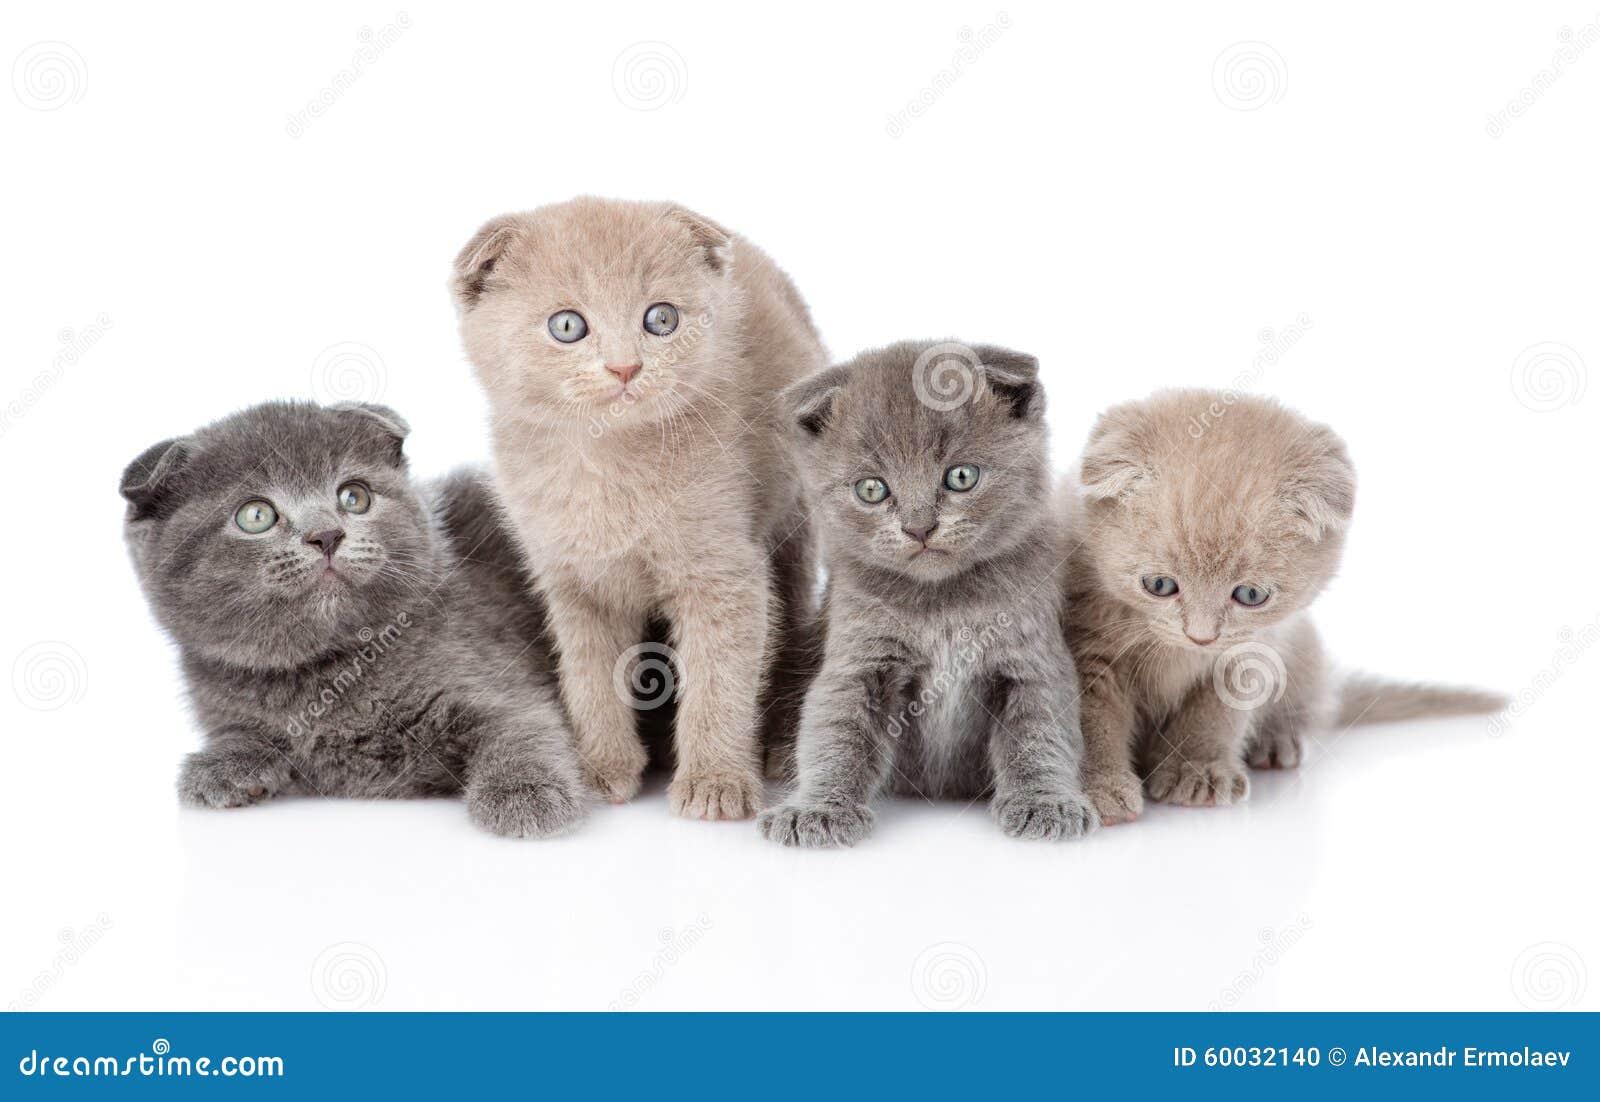 Σκωτσέζικα γατάκια μωρών ομάδας η ανασκόπηση απομόνωσε το λευκό